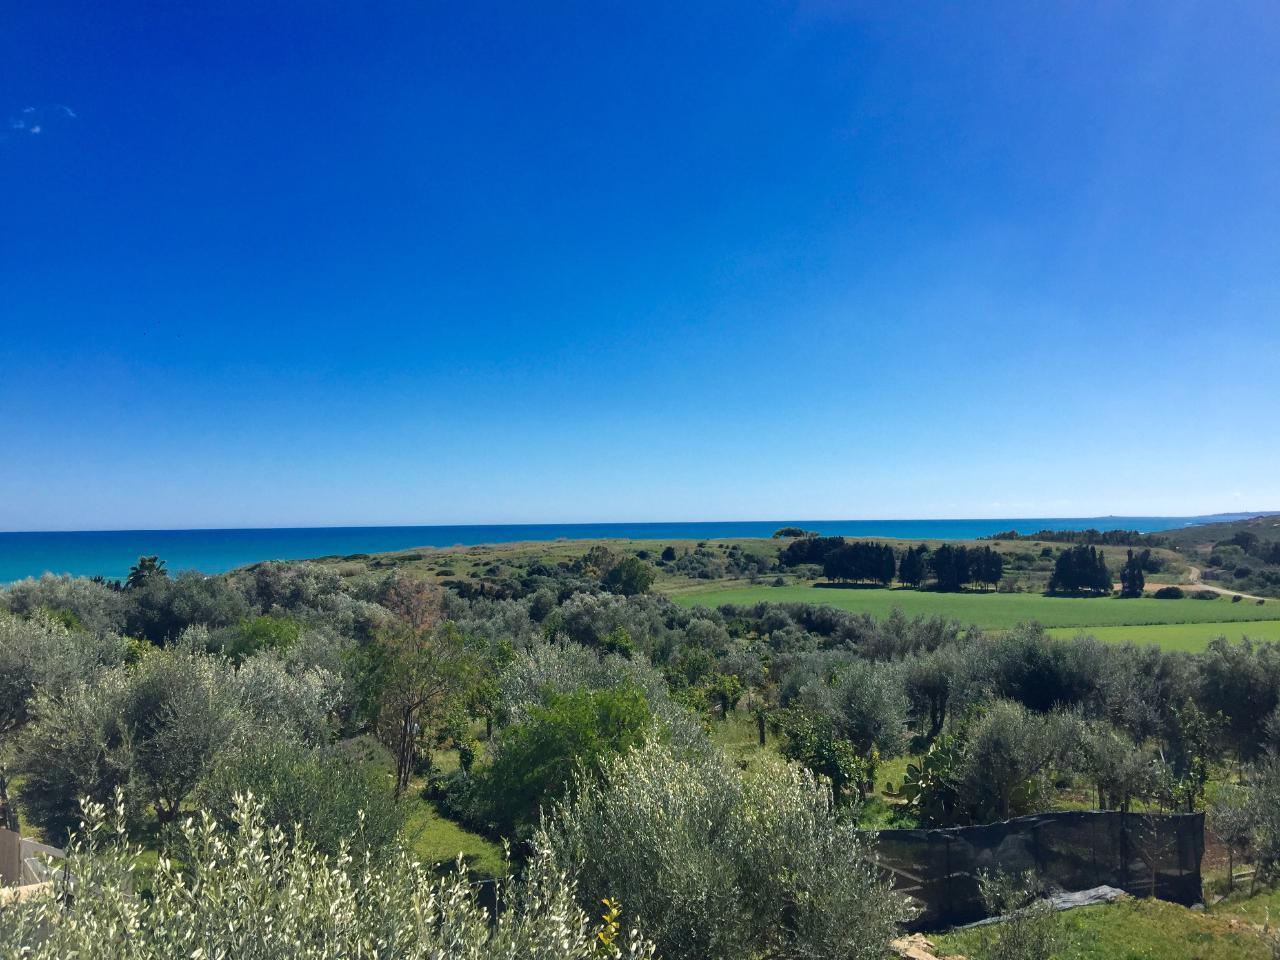 Maison de vacances CASA CALVO | BIRRI SUL MARE | Villa di campagna al mare (1712787), Noto, Siracusa, Sicile, Italie, image 29